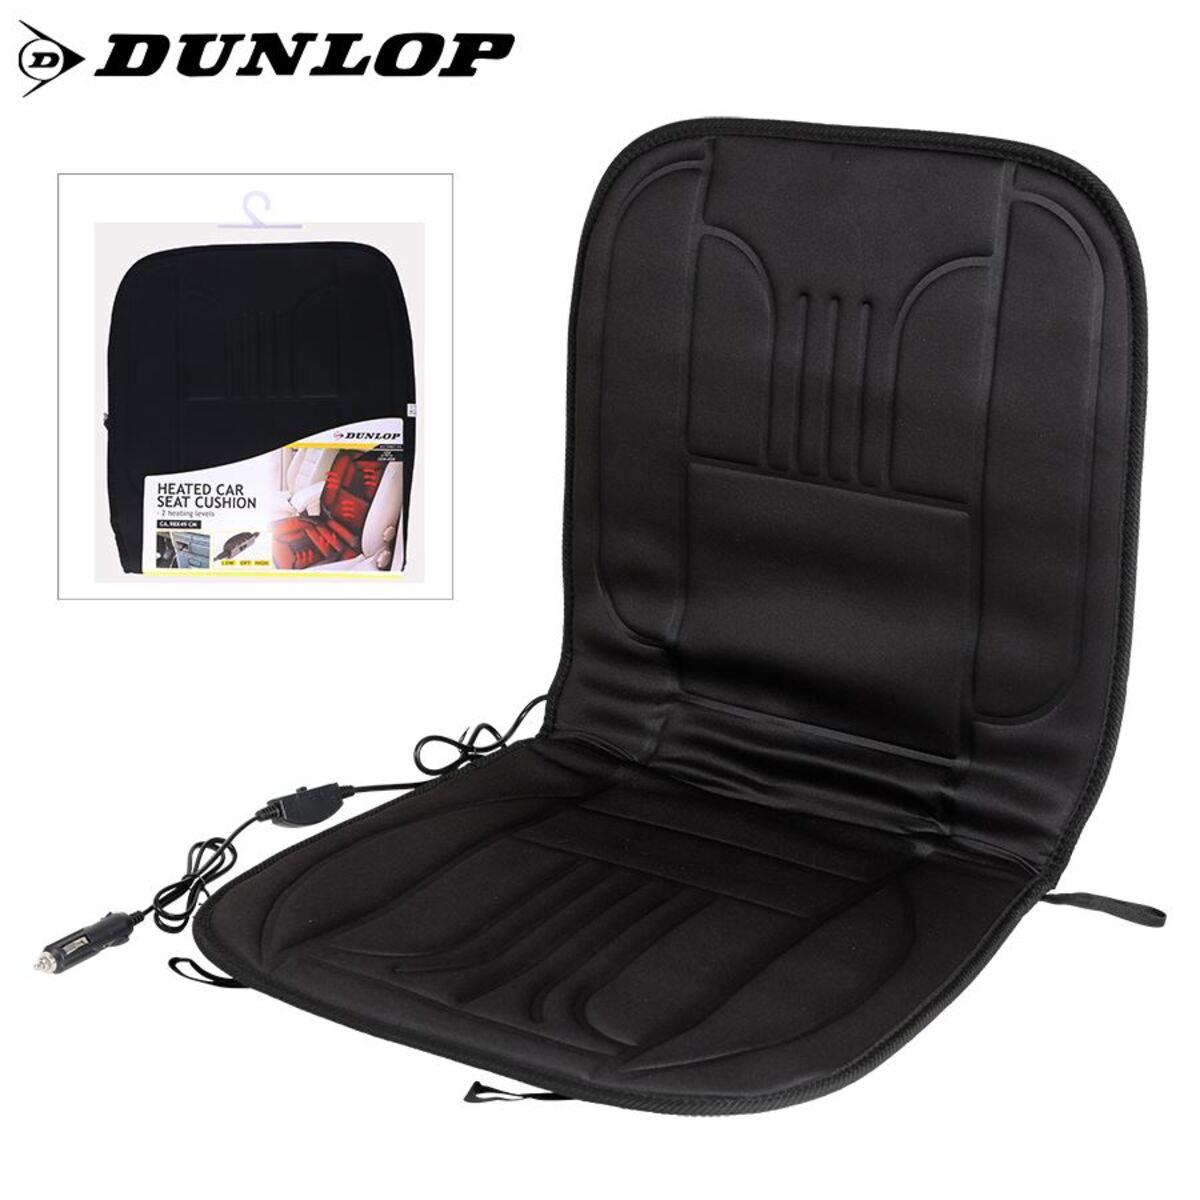 Bild 1 von Dunlop Autositzheizung mit 2 Heizstufen